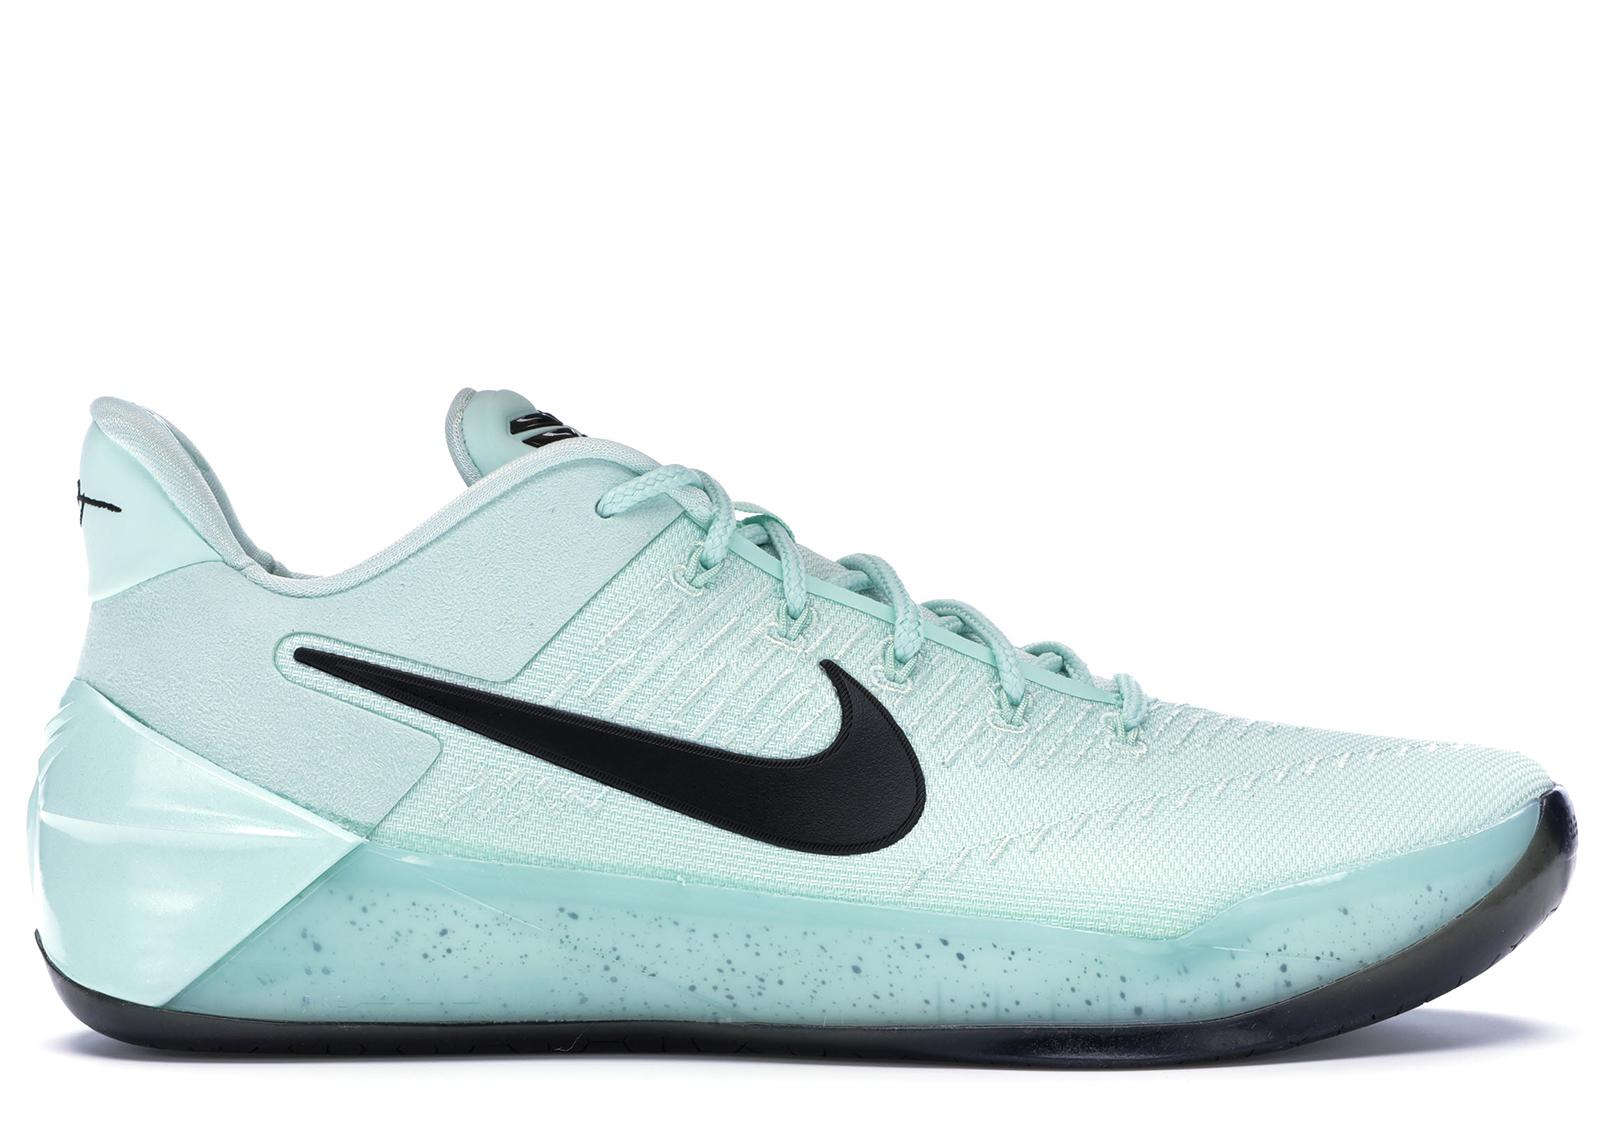 Nike Kobe A.D. Igloo - 852425-300/852427-300